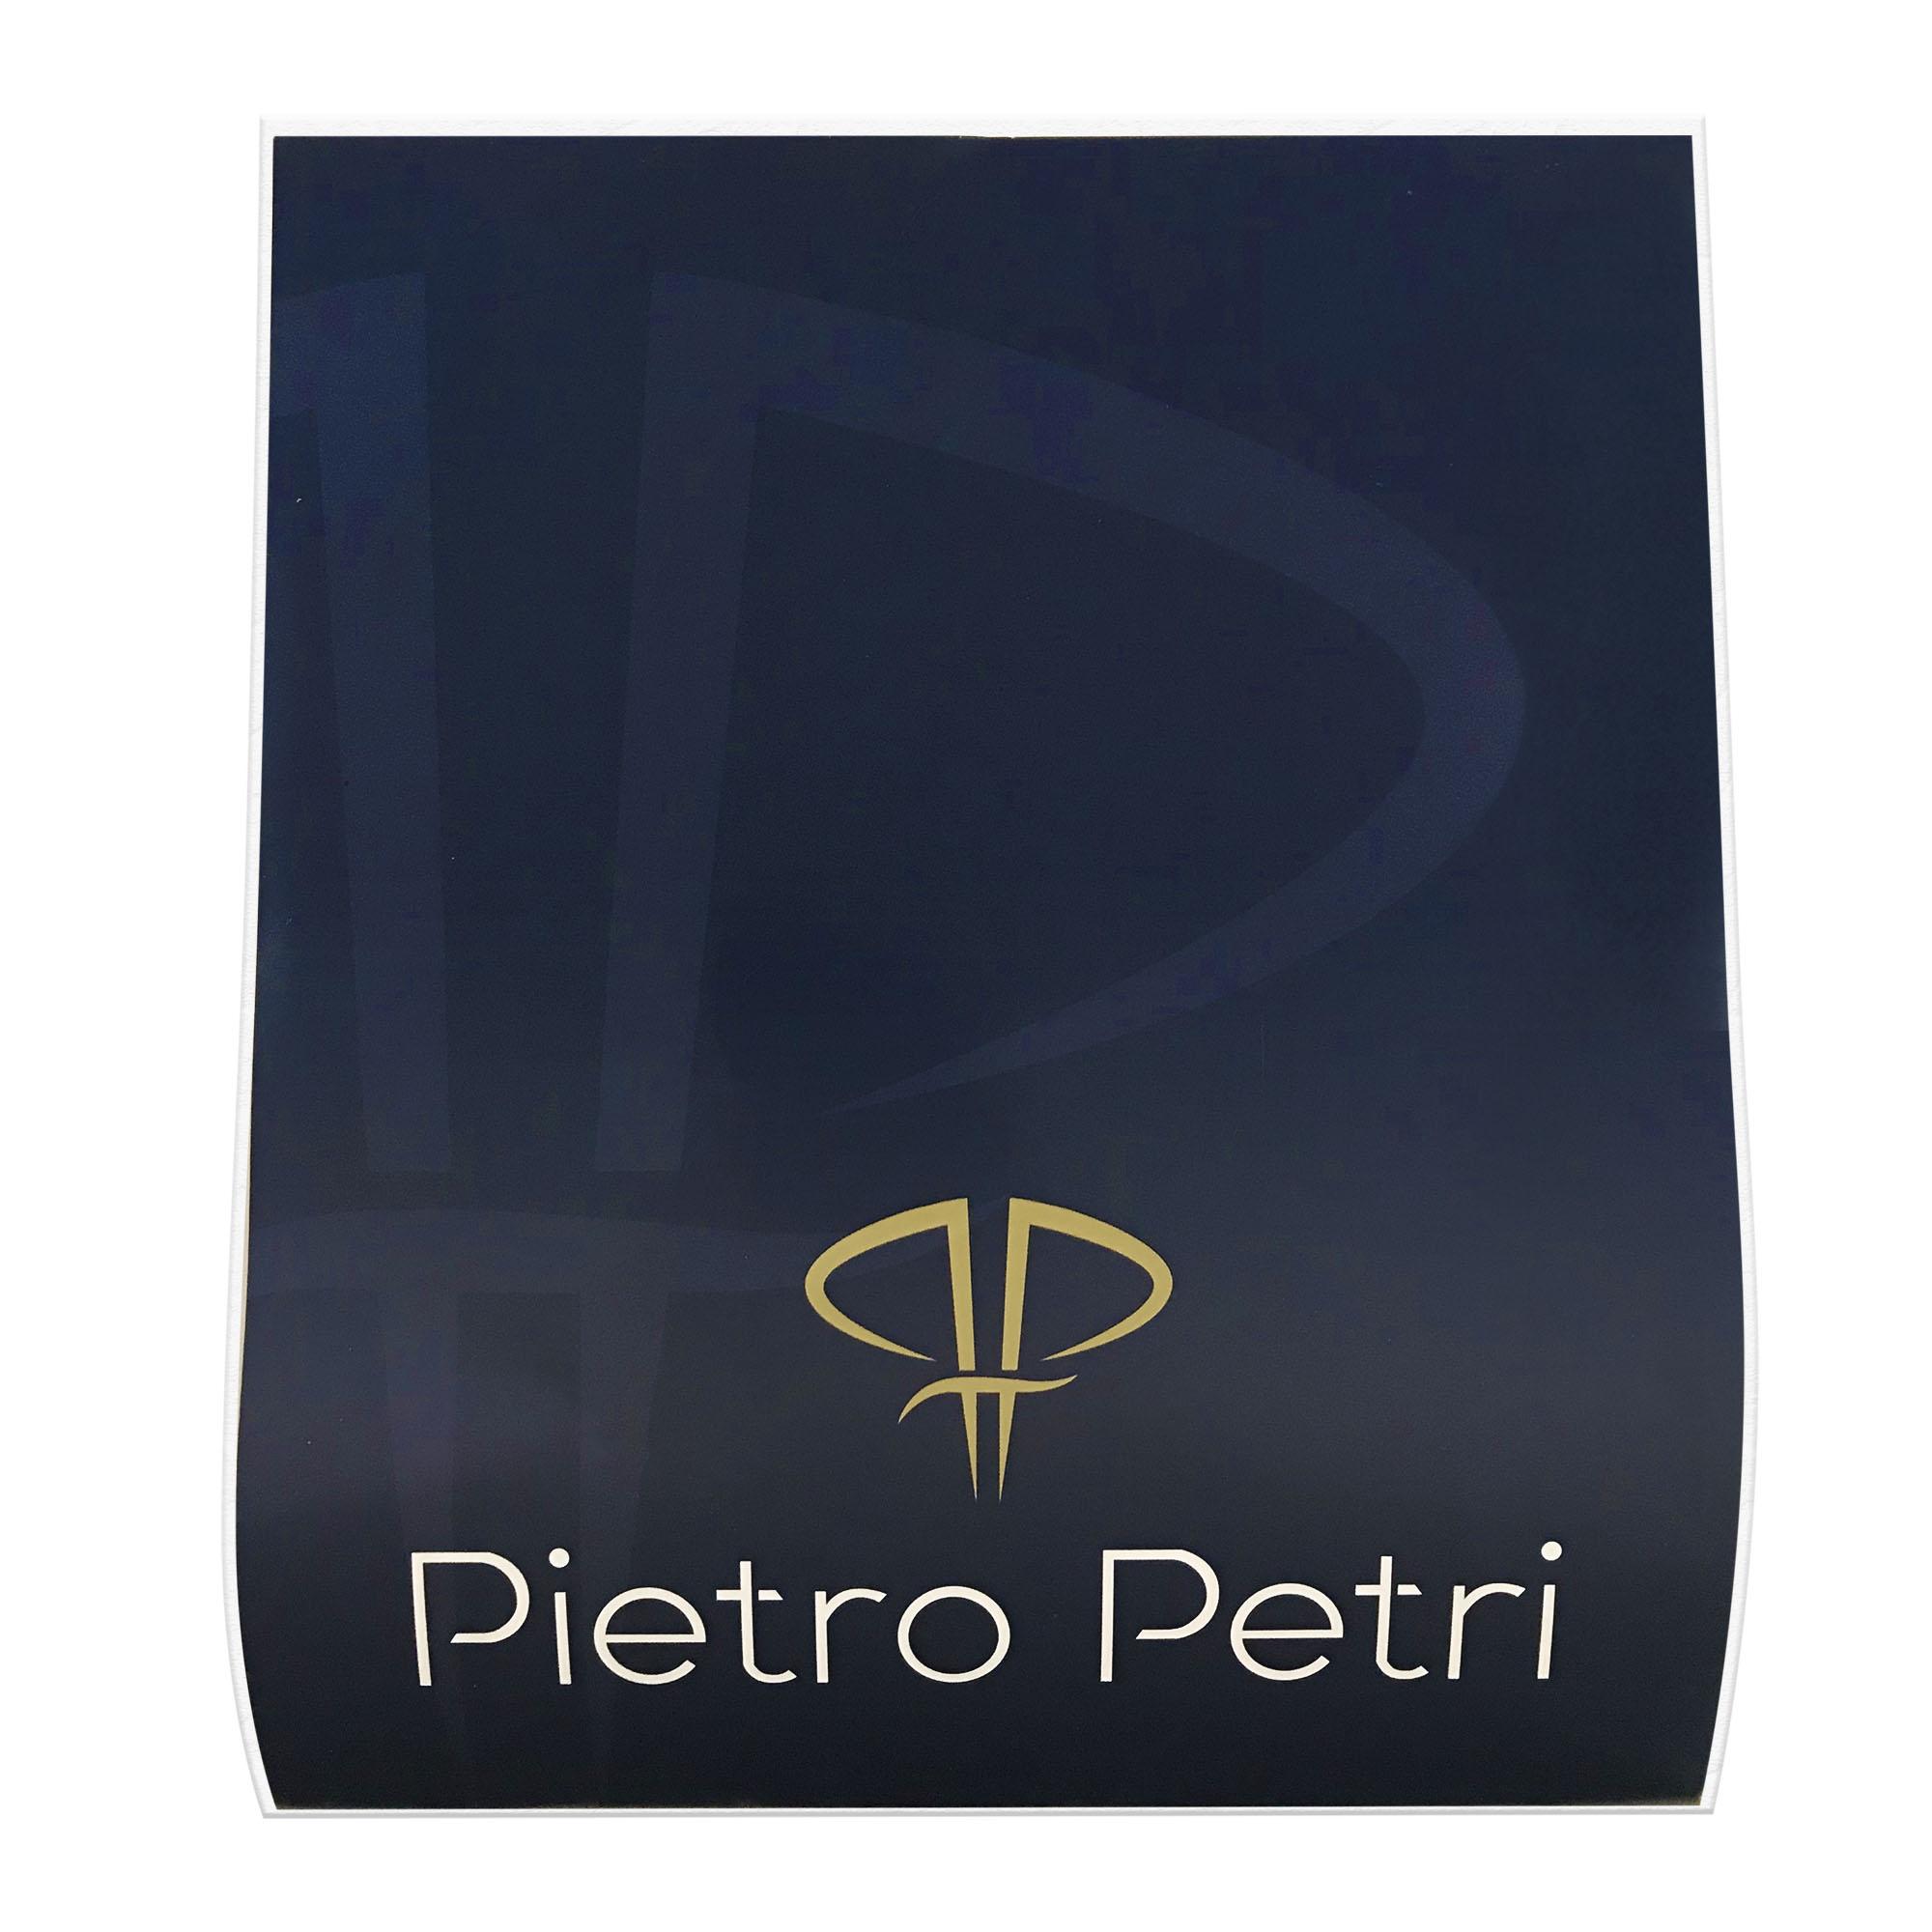 Modelador 3021 macaquinho cirúrgico compressivo Dr Pietro com alça larga abertura frontal recomendado para cirurgia plás  - Cinta se Nova